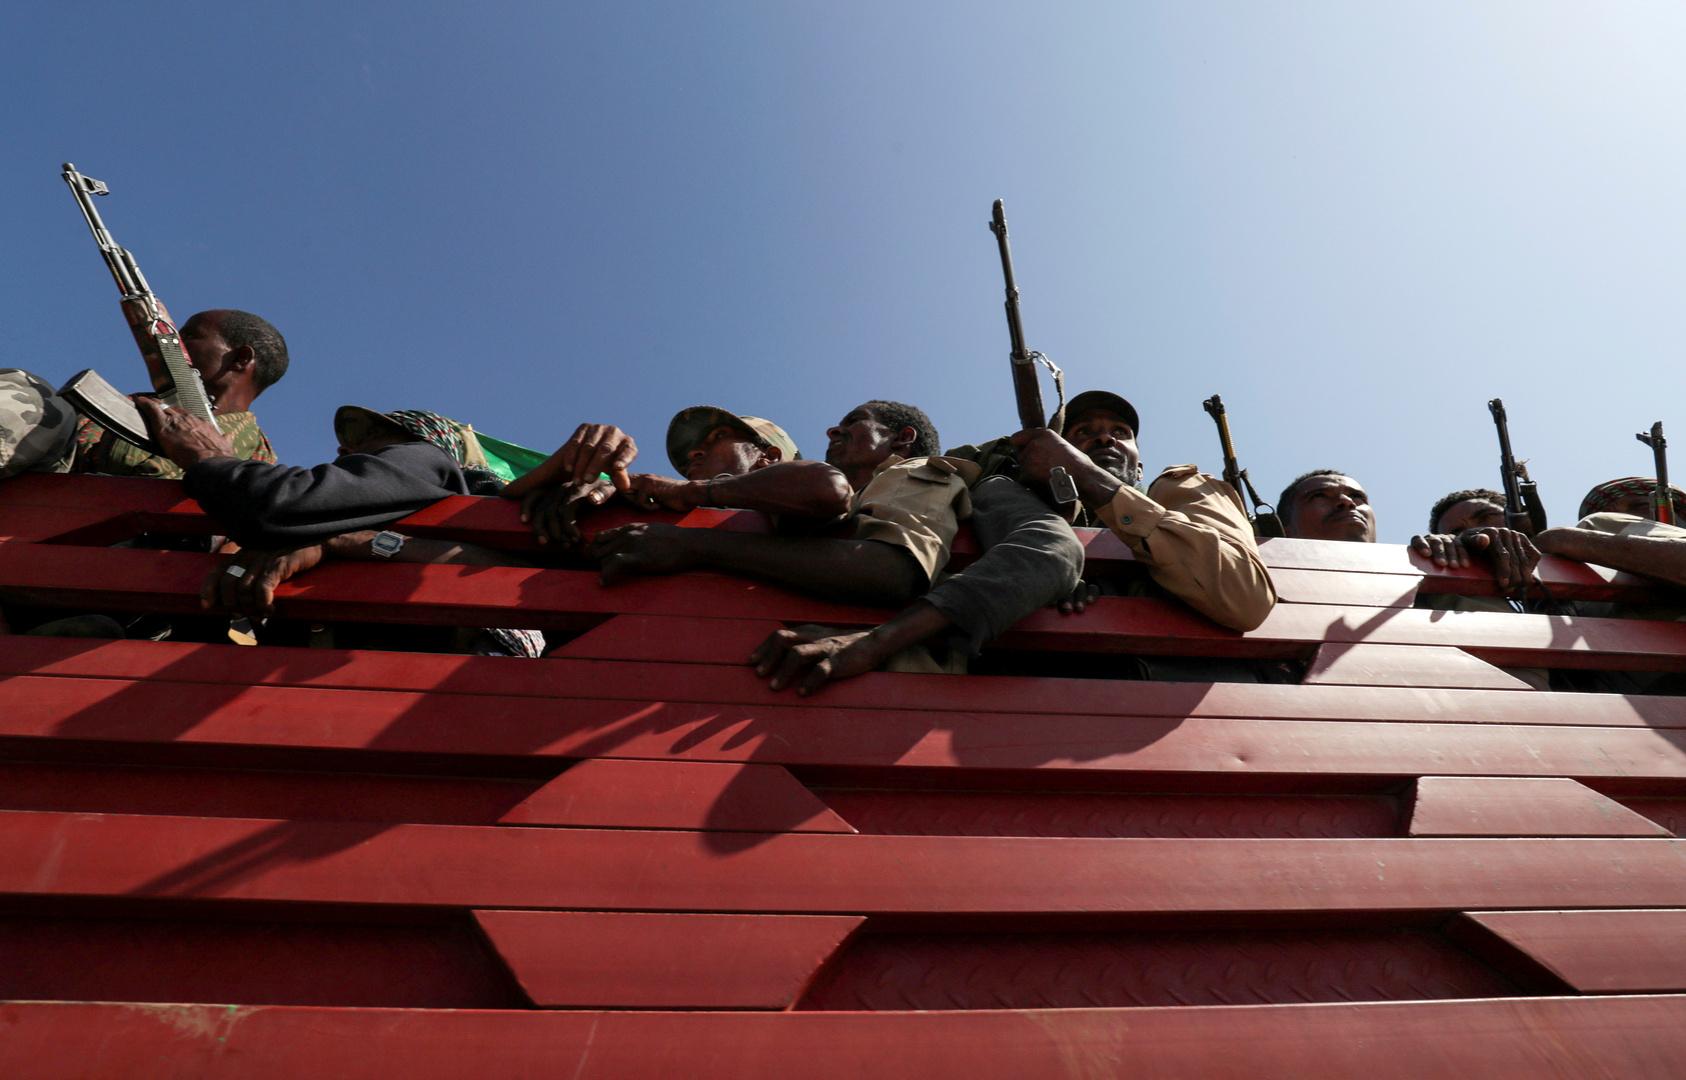 الأمم المتحدة: نسعى للوصول في إثيوبيا إلى تيغراي للتحقيق في جرائم حرب